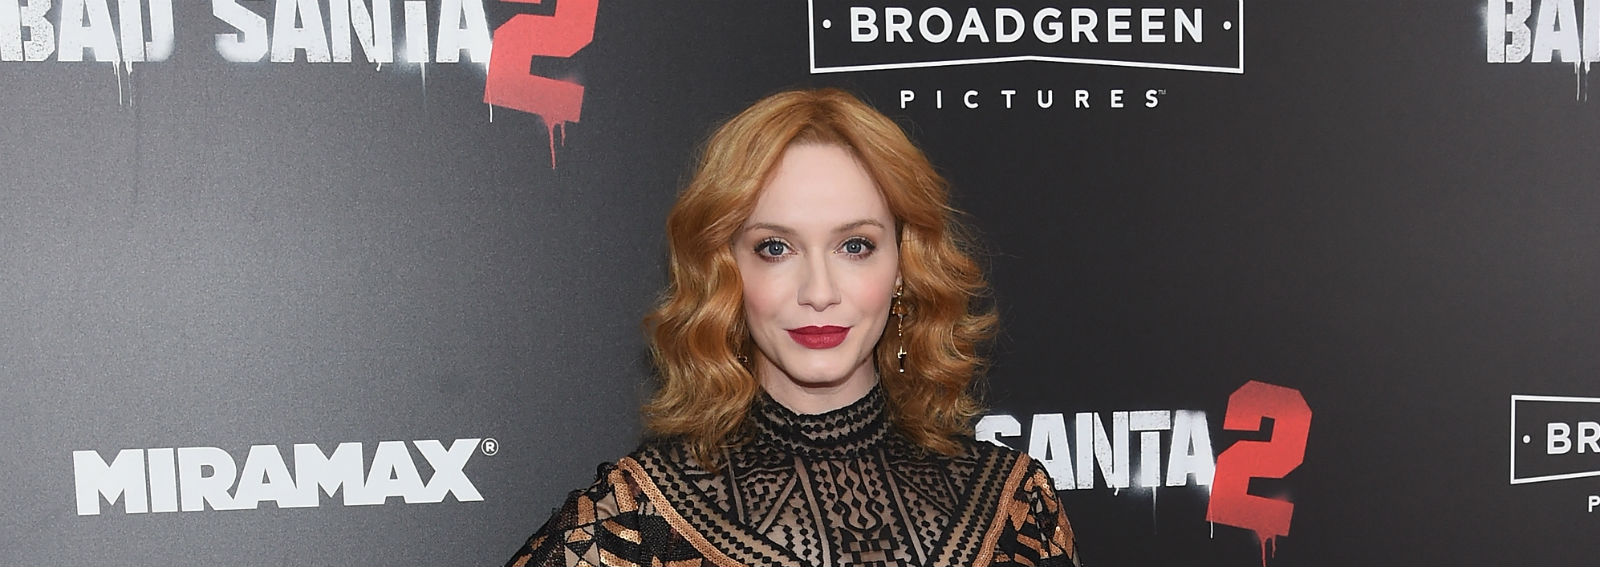 cover-Christina Hendricks capelli i migliori hair look della rossa più sensuale-desktop